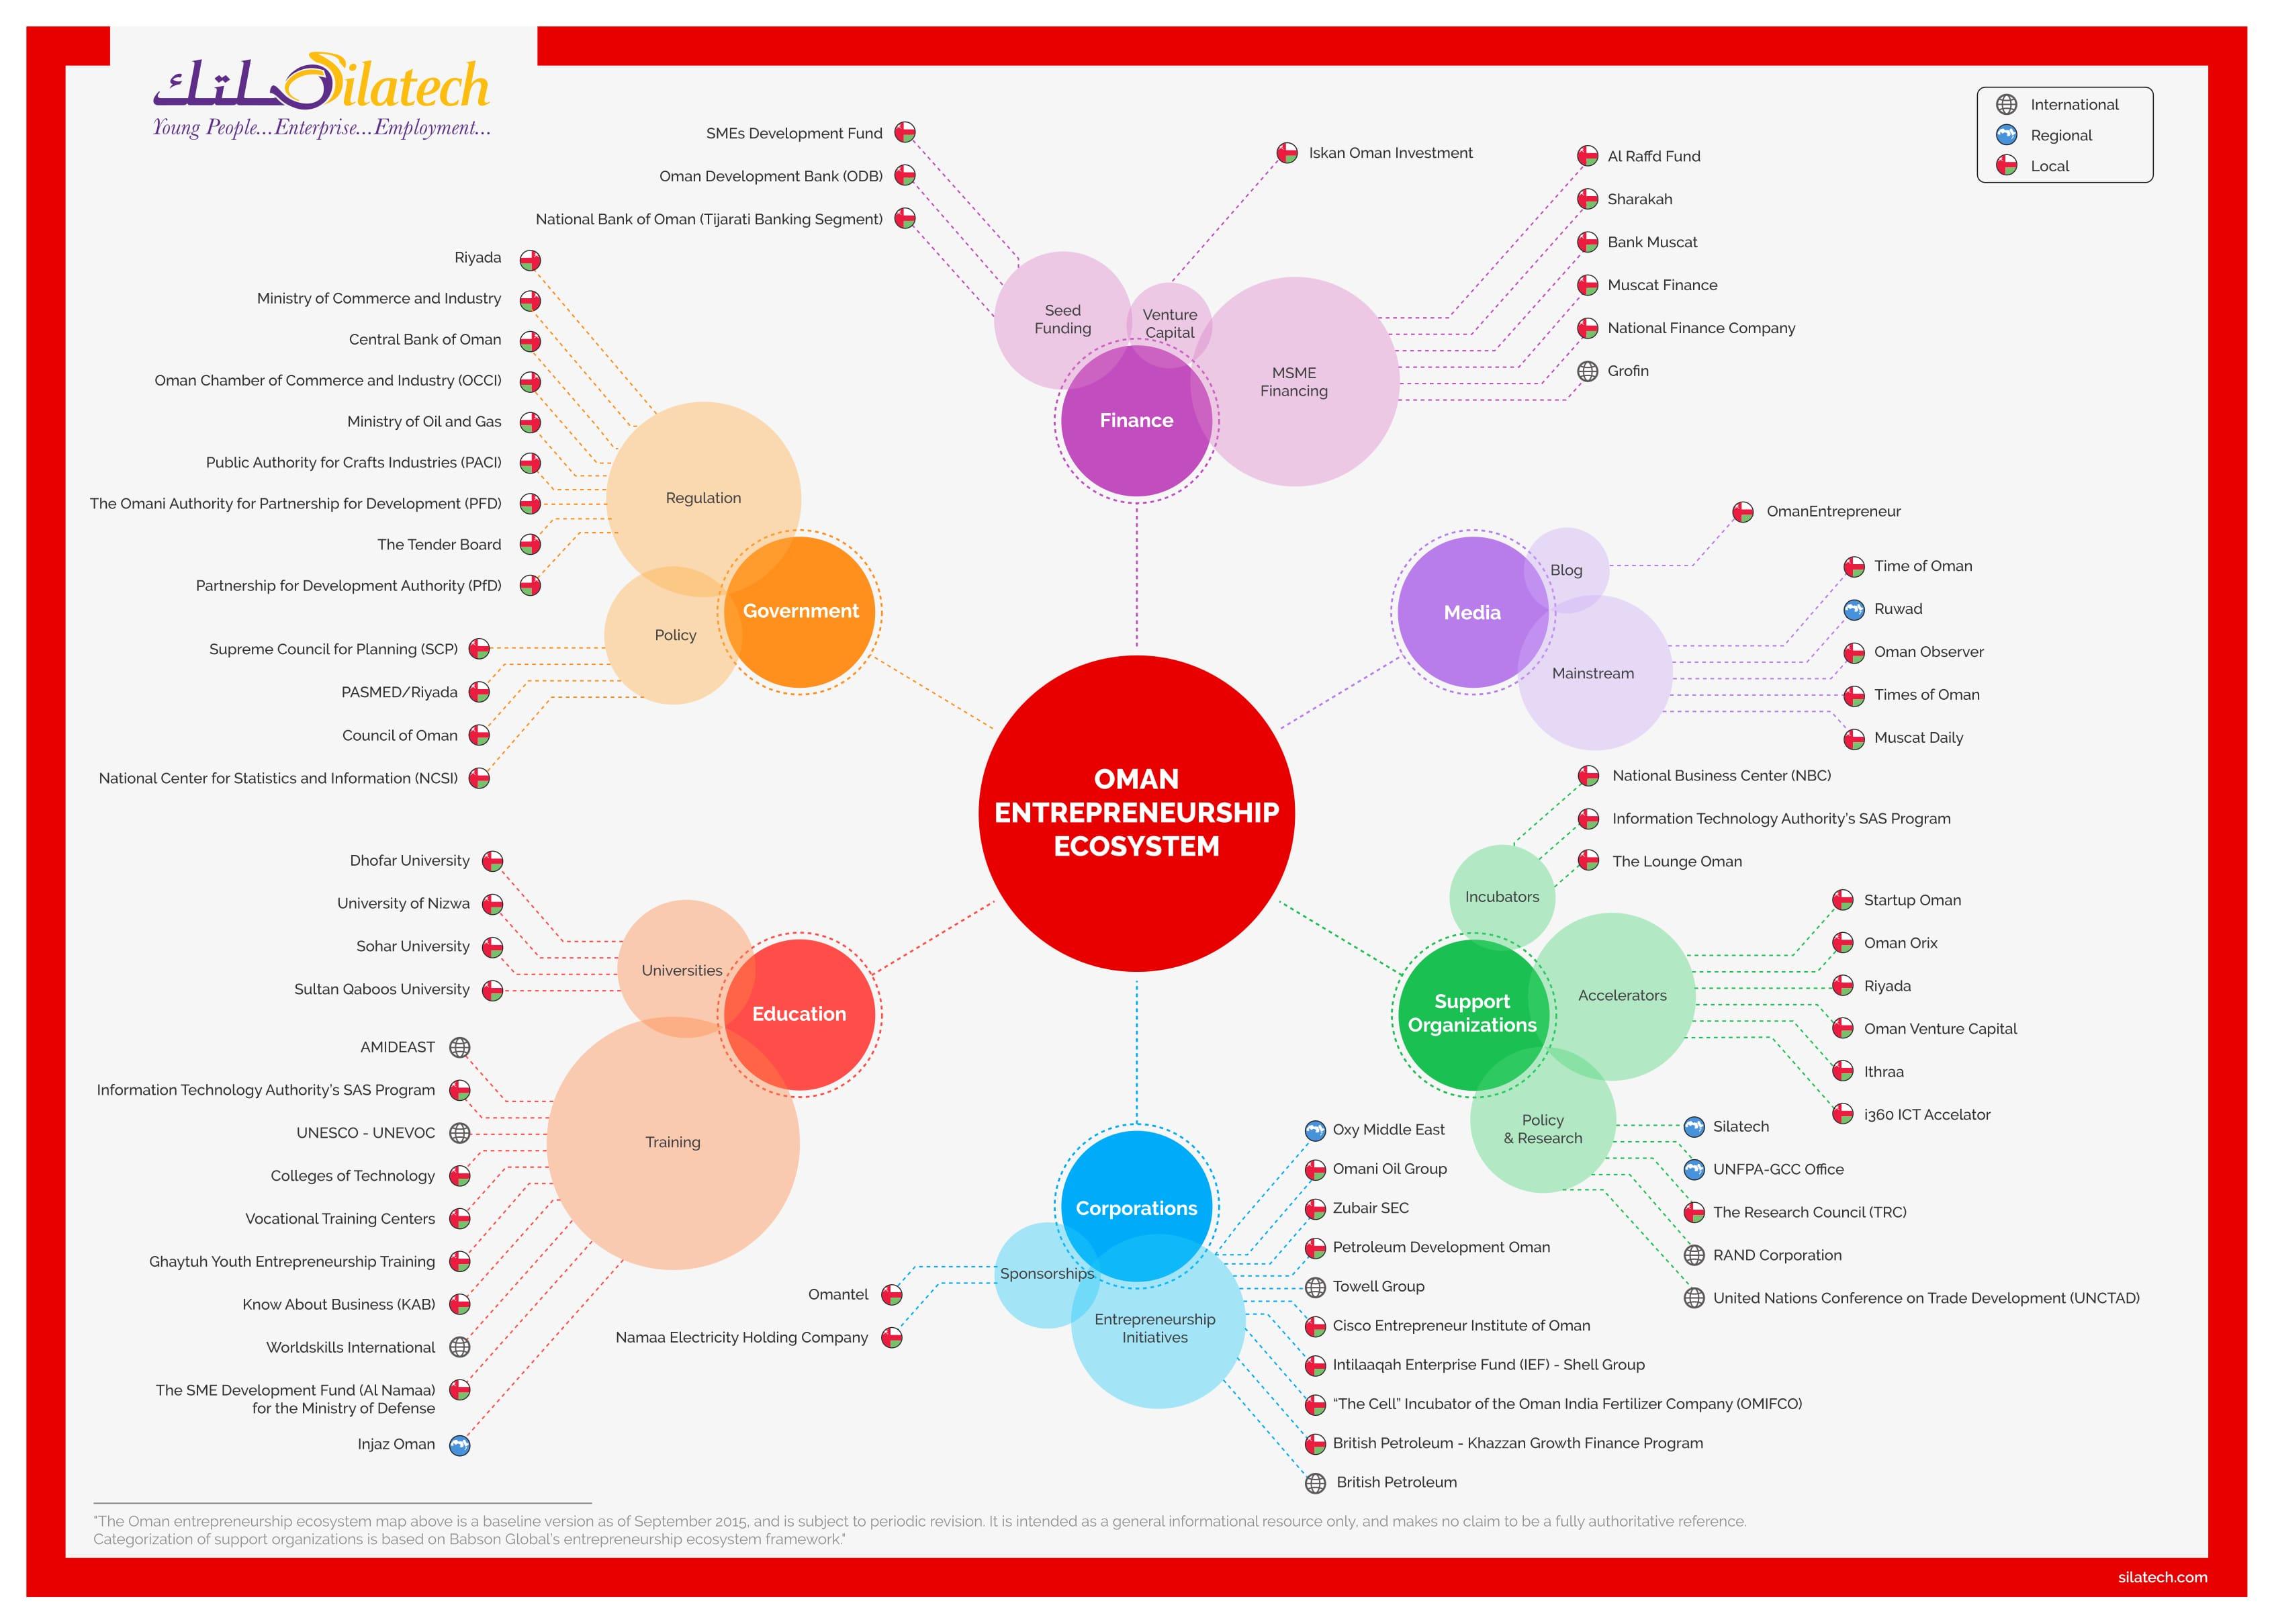 ملف النظام البيئي لريادة الأعمال في سلطنة عمان Jpg ويكيبيديا